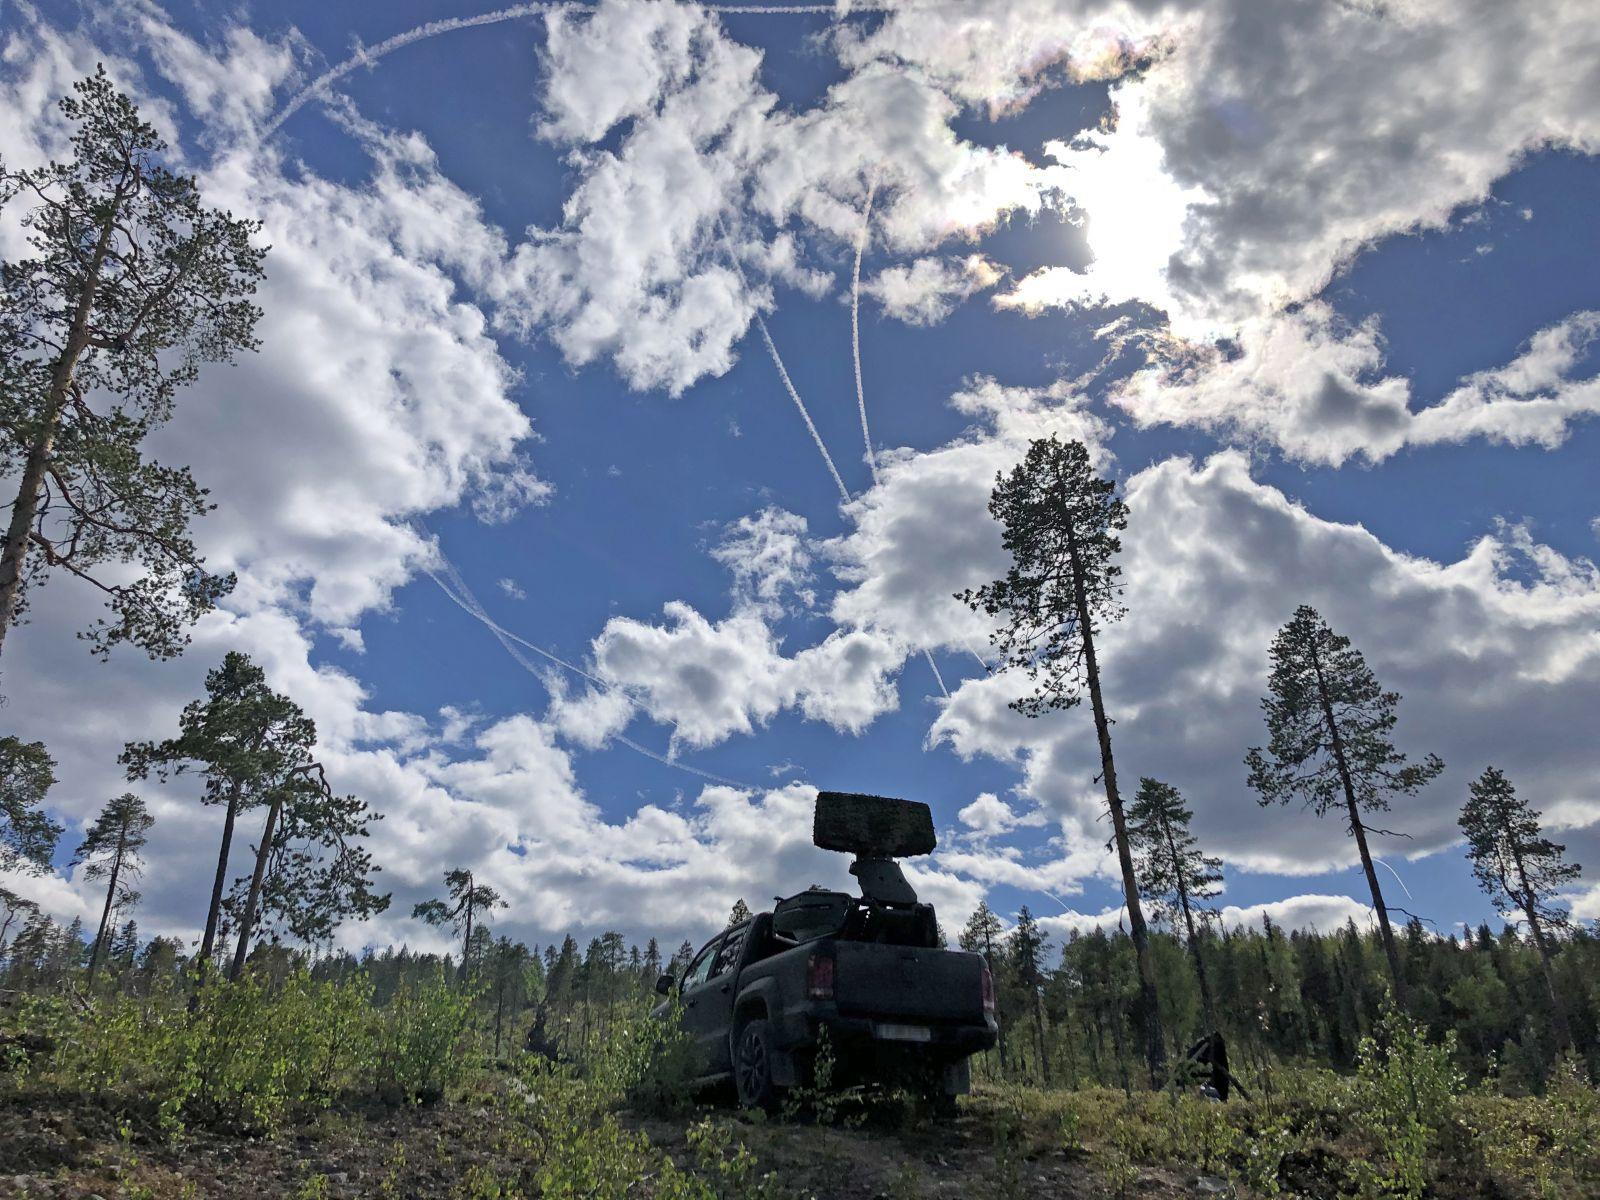 Радар Saab Giraffe и система за управление и контрол C2 се доказаха в многонационално учение (СНИМКИ)